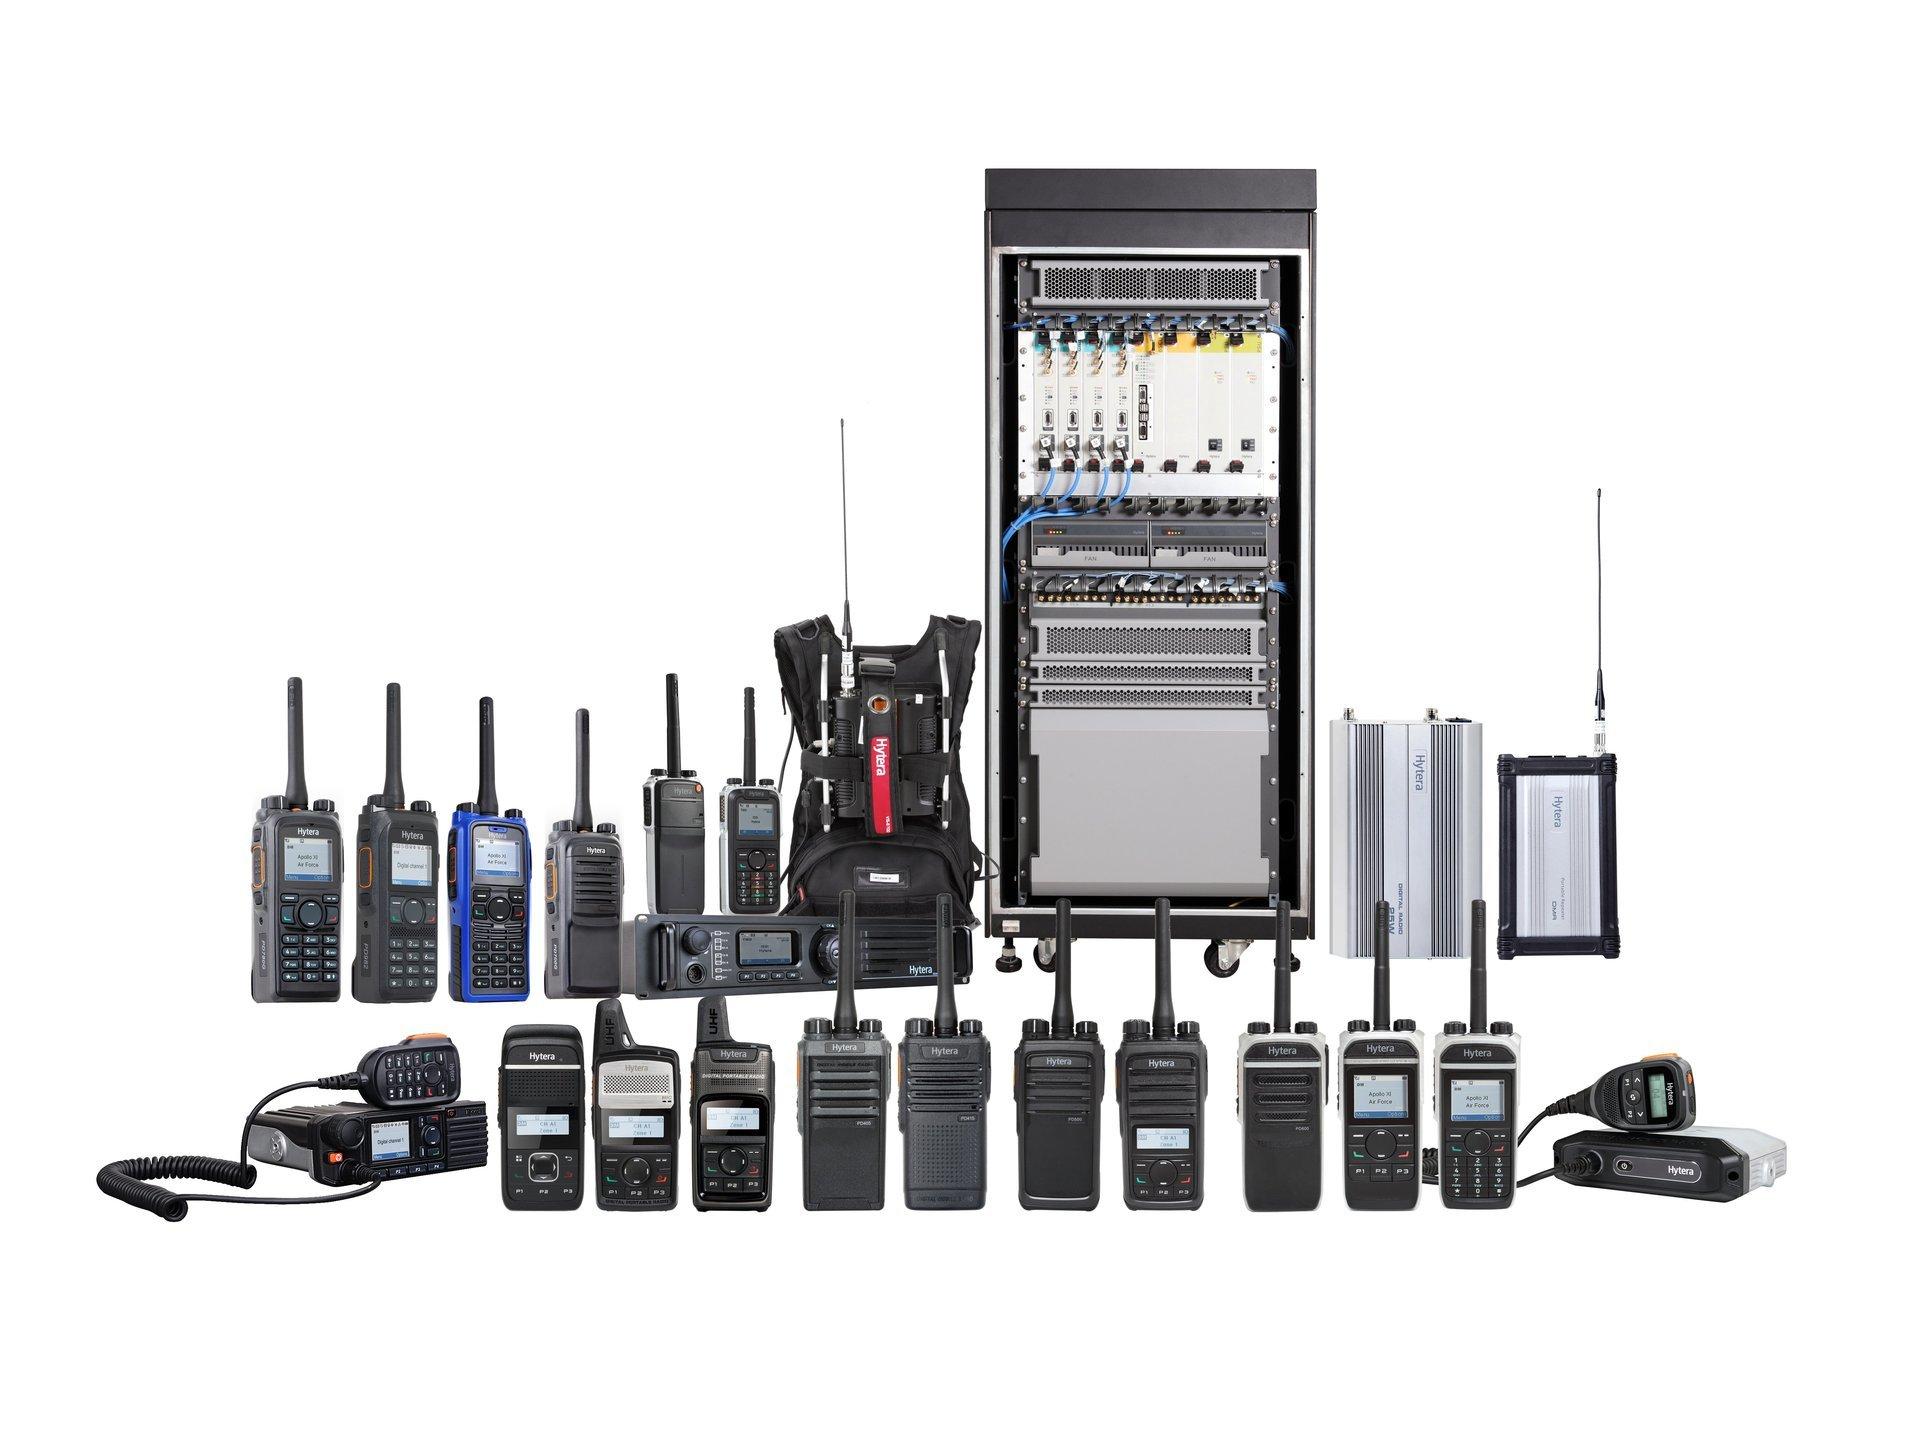 Short and long-range radios